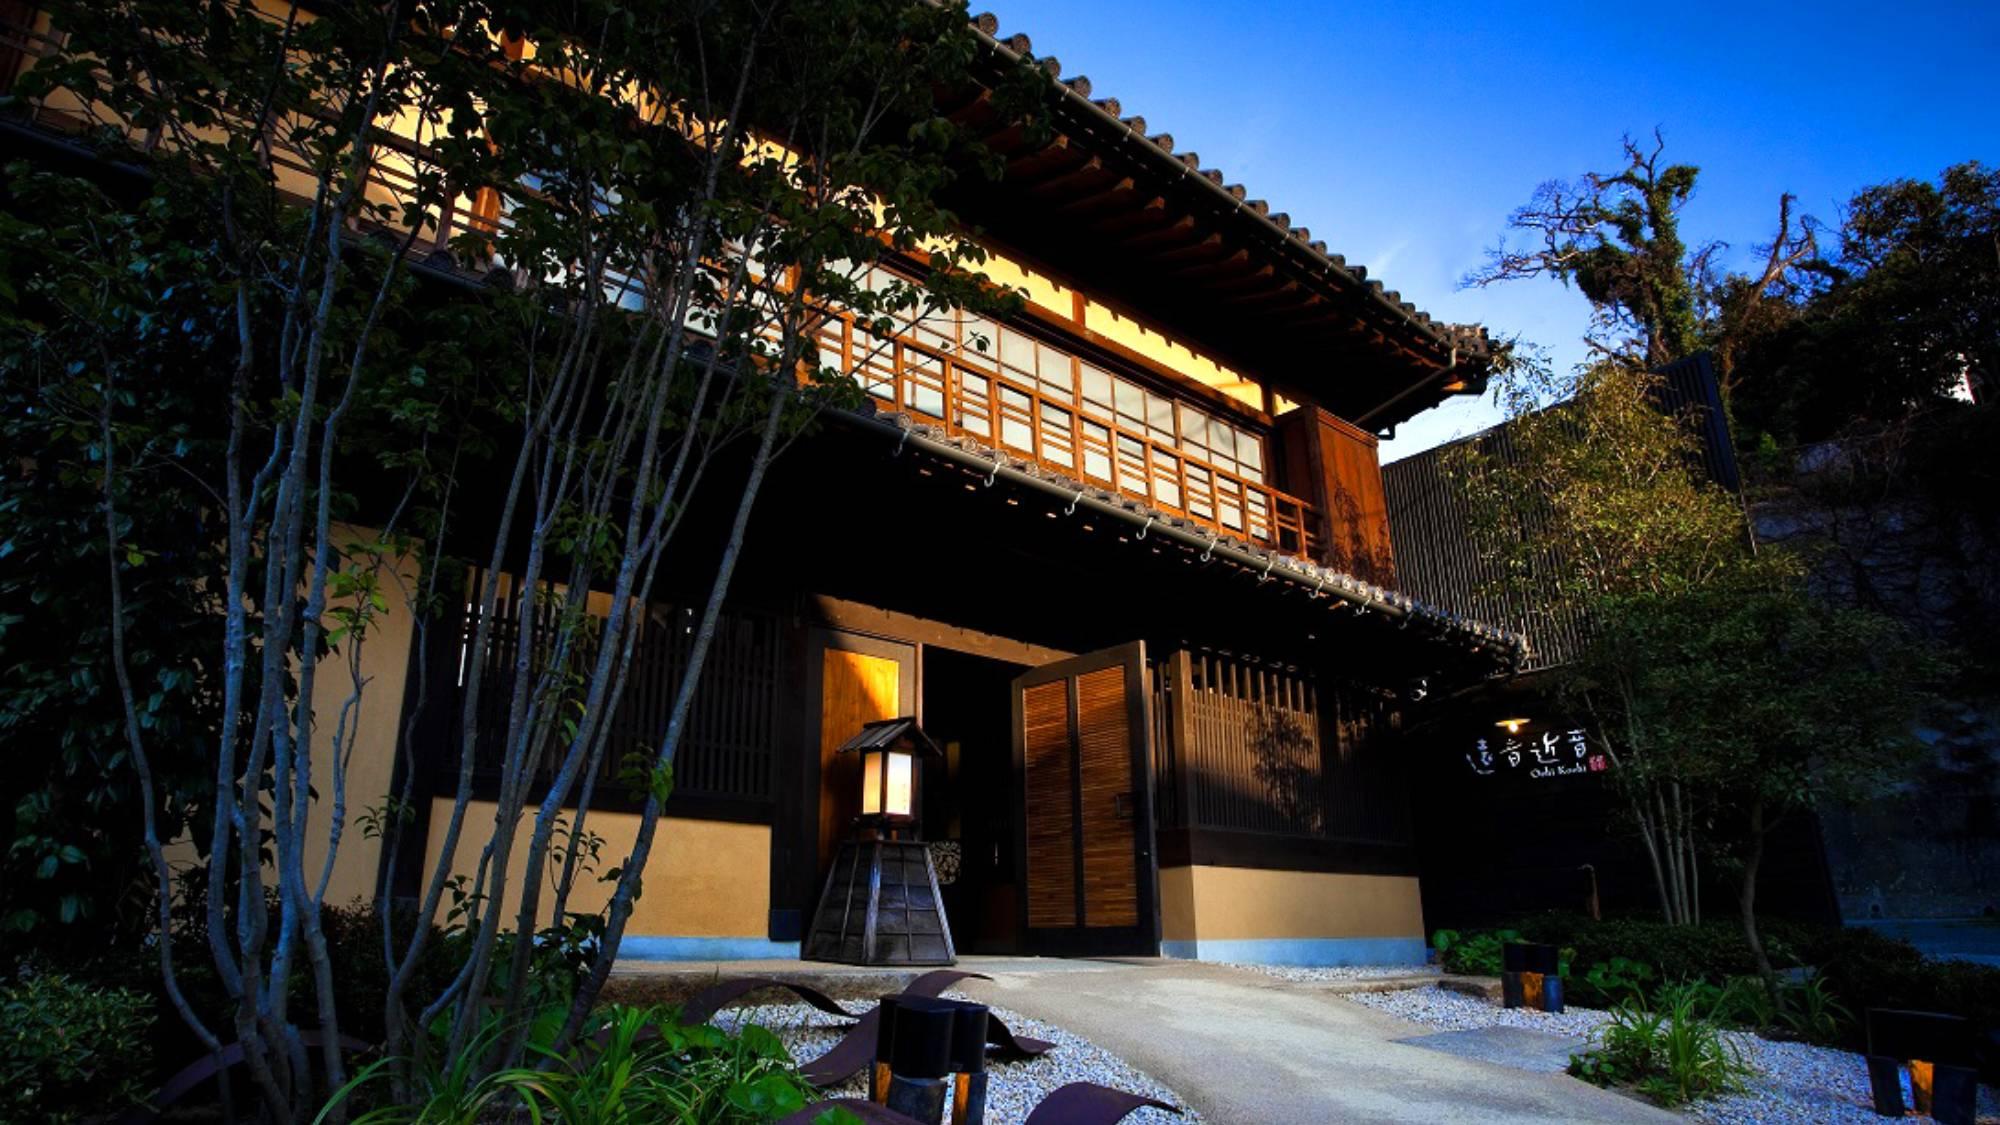 鞆の浦温泉 汀邸 遠音近音(みぎわてい をちこち) image